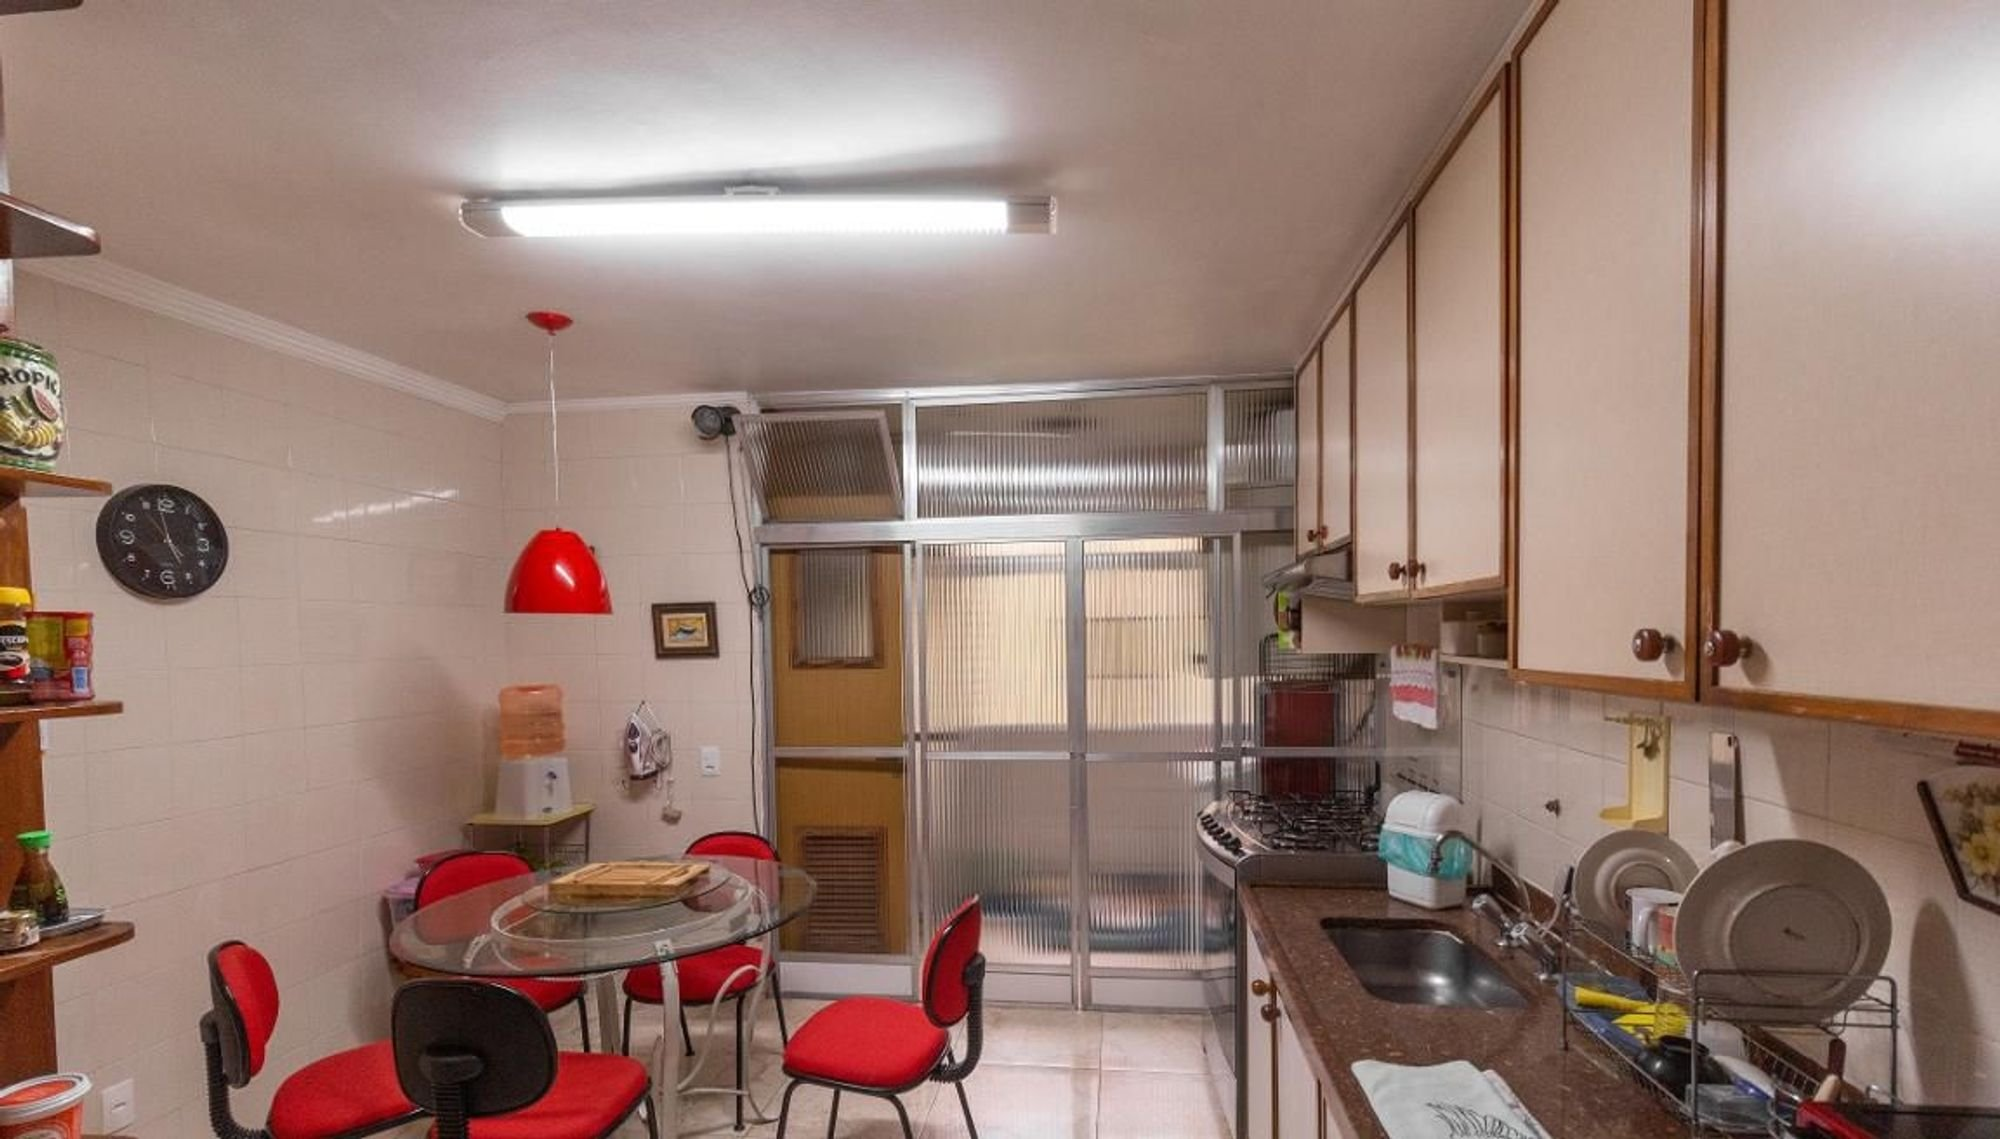 Foto de Cozinha com relógio, garrafa, cadeira, pia